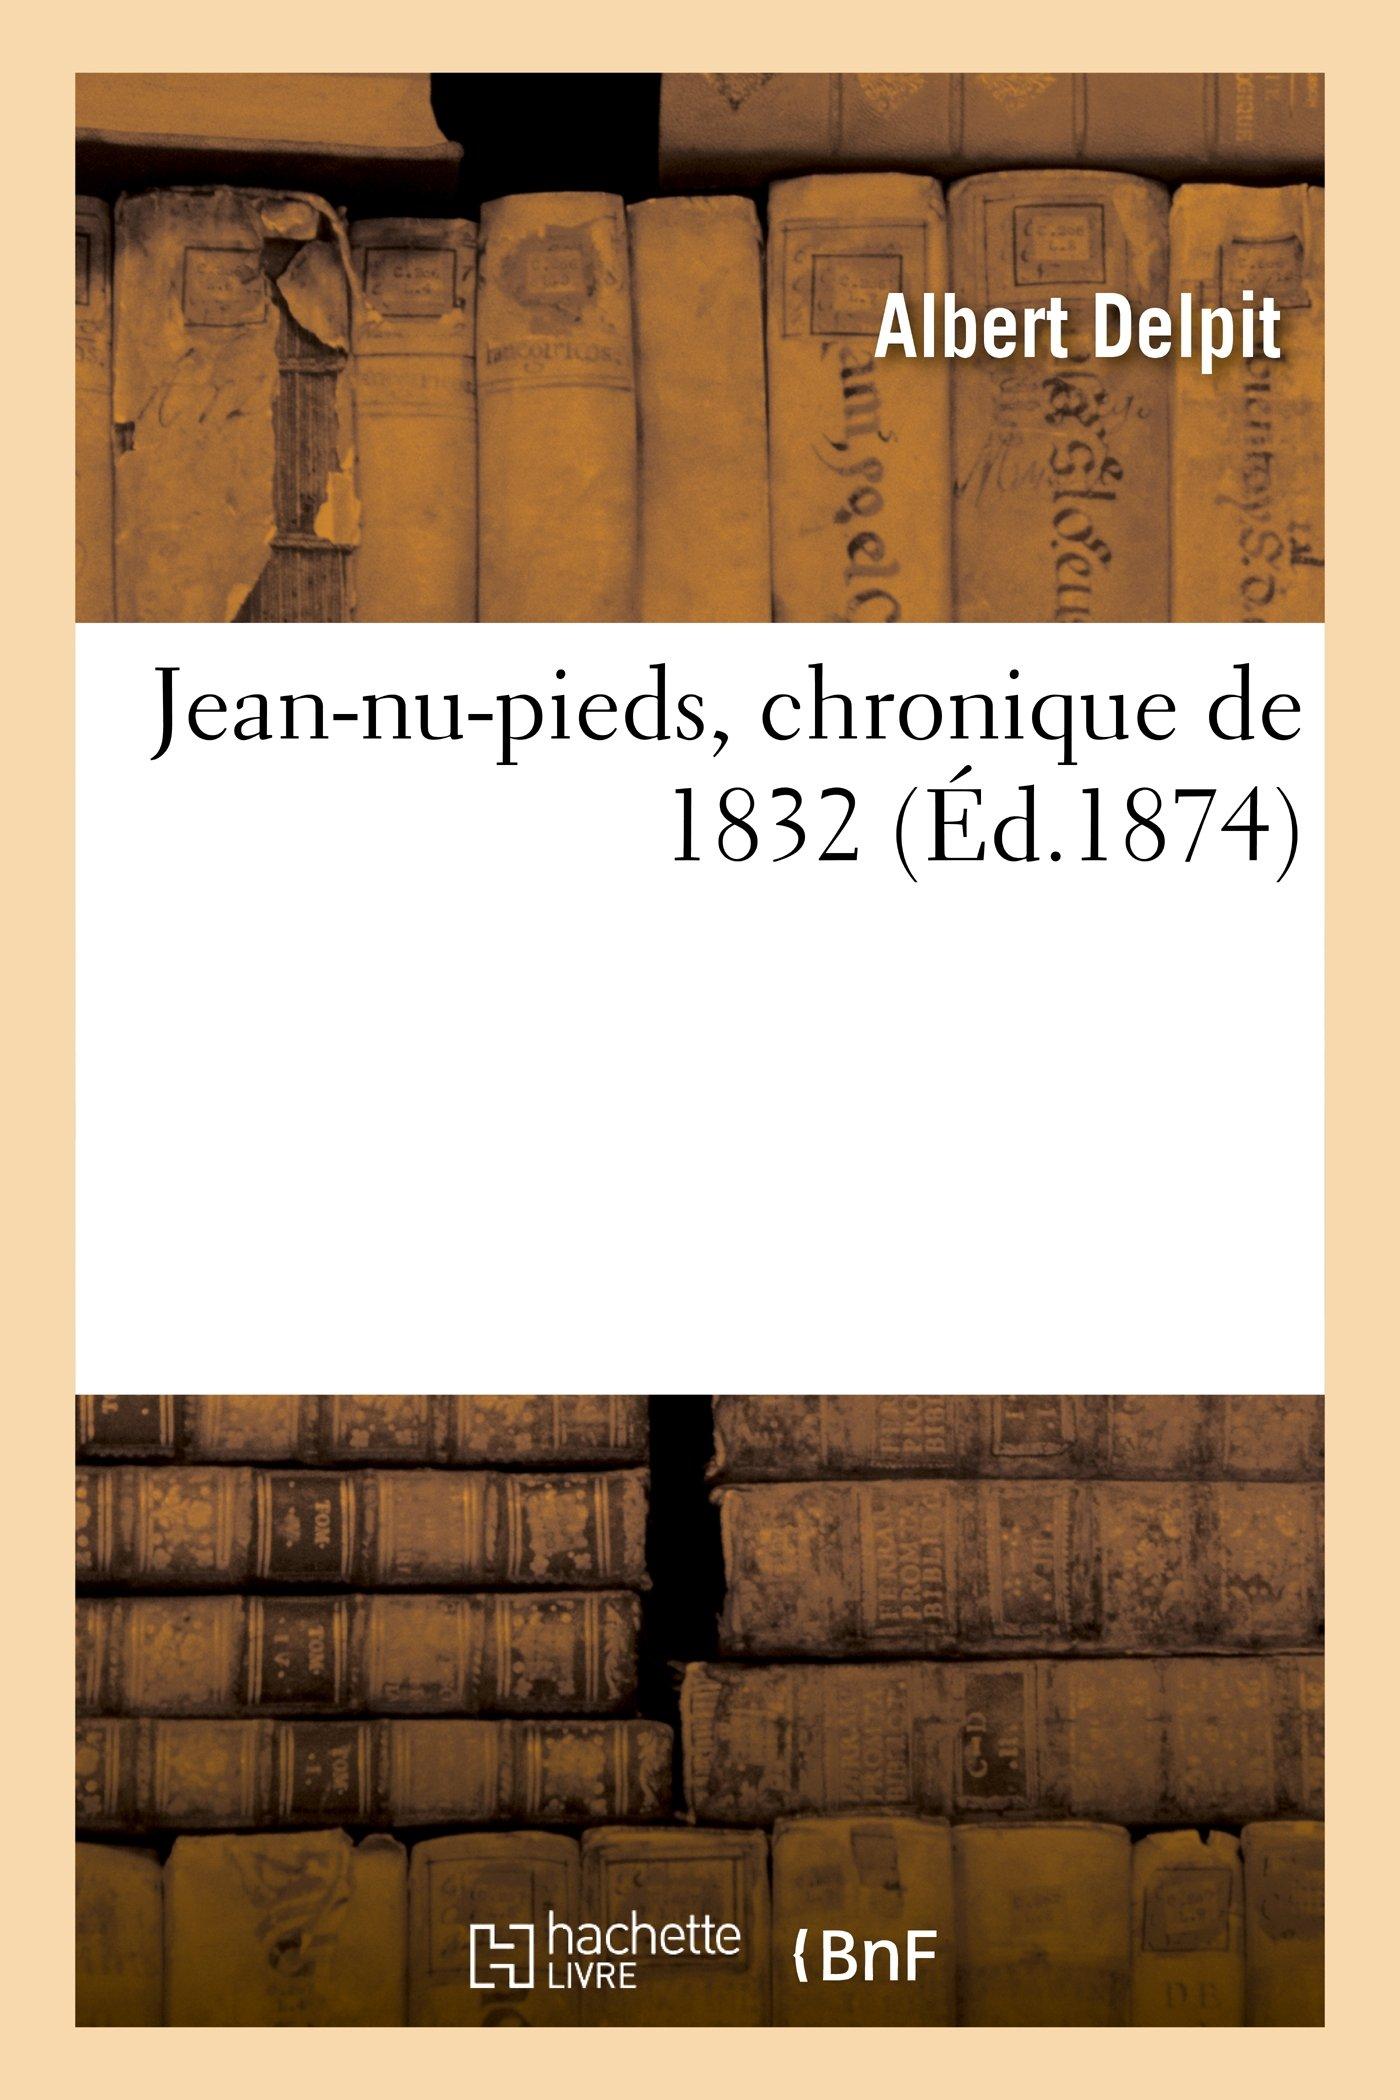 Jean-nu-pieds, chronique de 1832 (Litterature) (French Edition) pdf epub